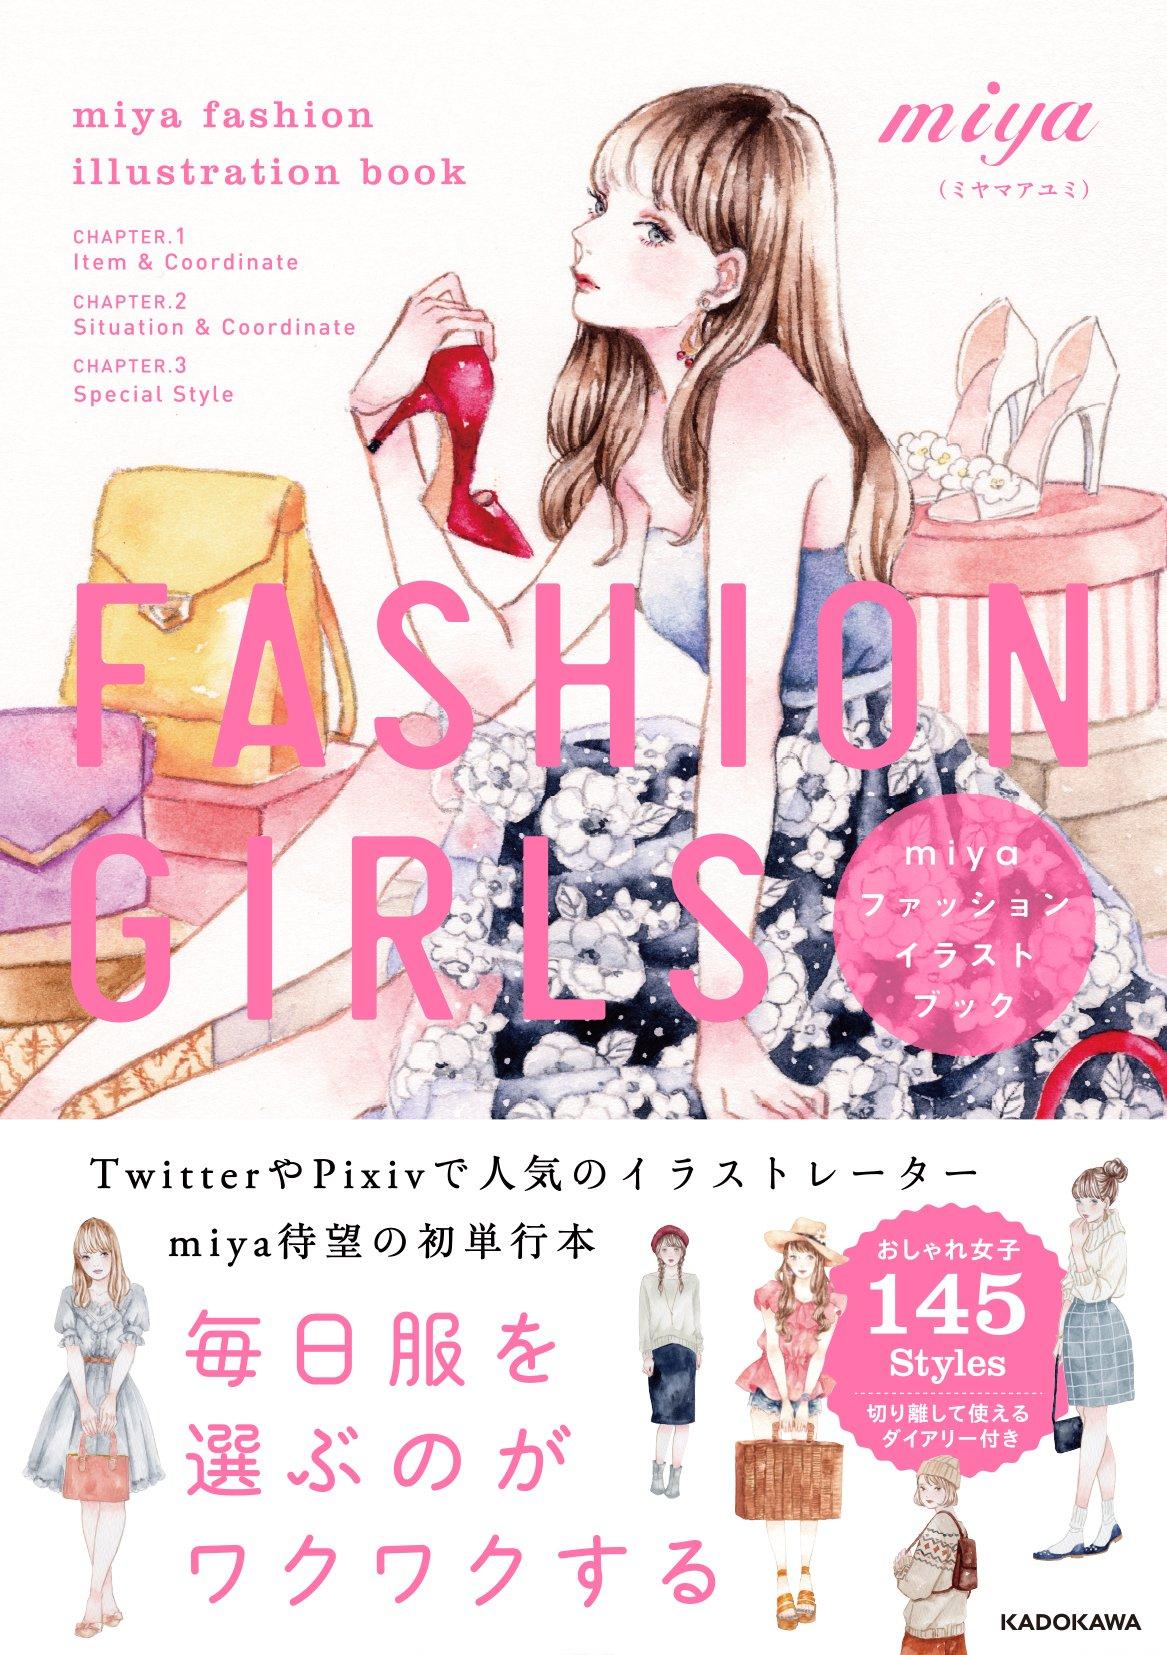 Fashion Girls Miyaファッションイラストブック Miya ミヤマアユミ 本 通販 Amazon